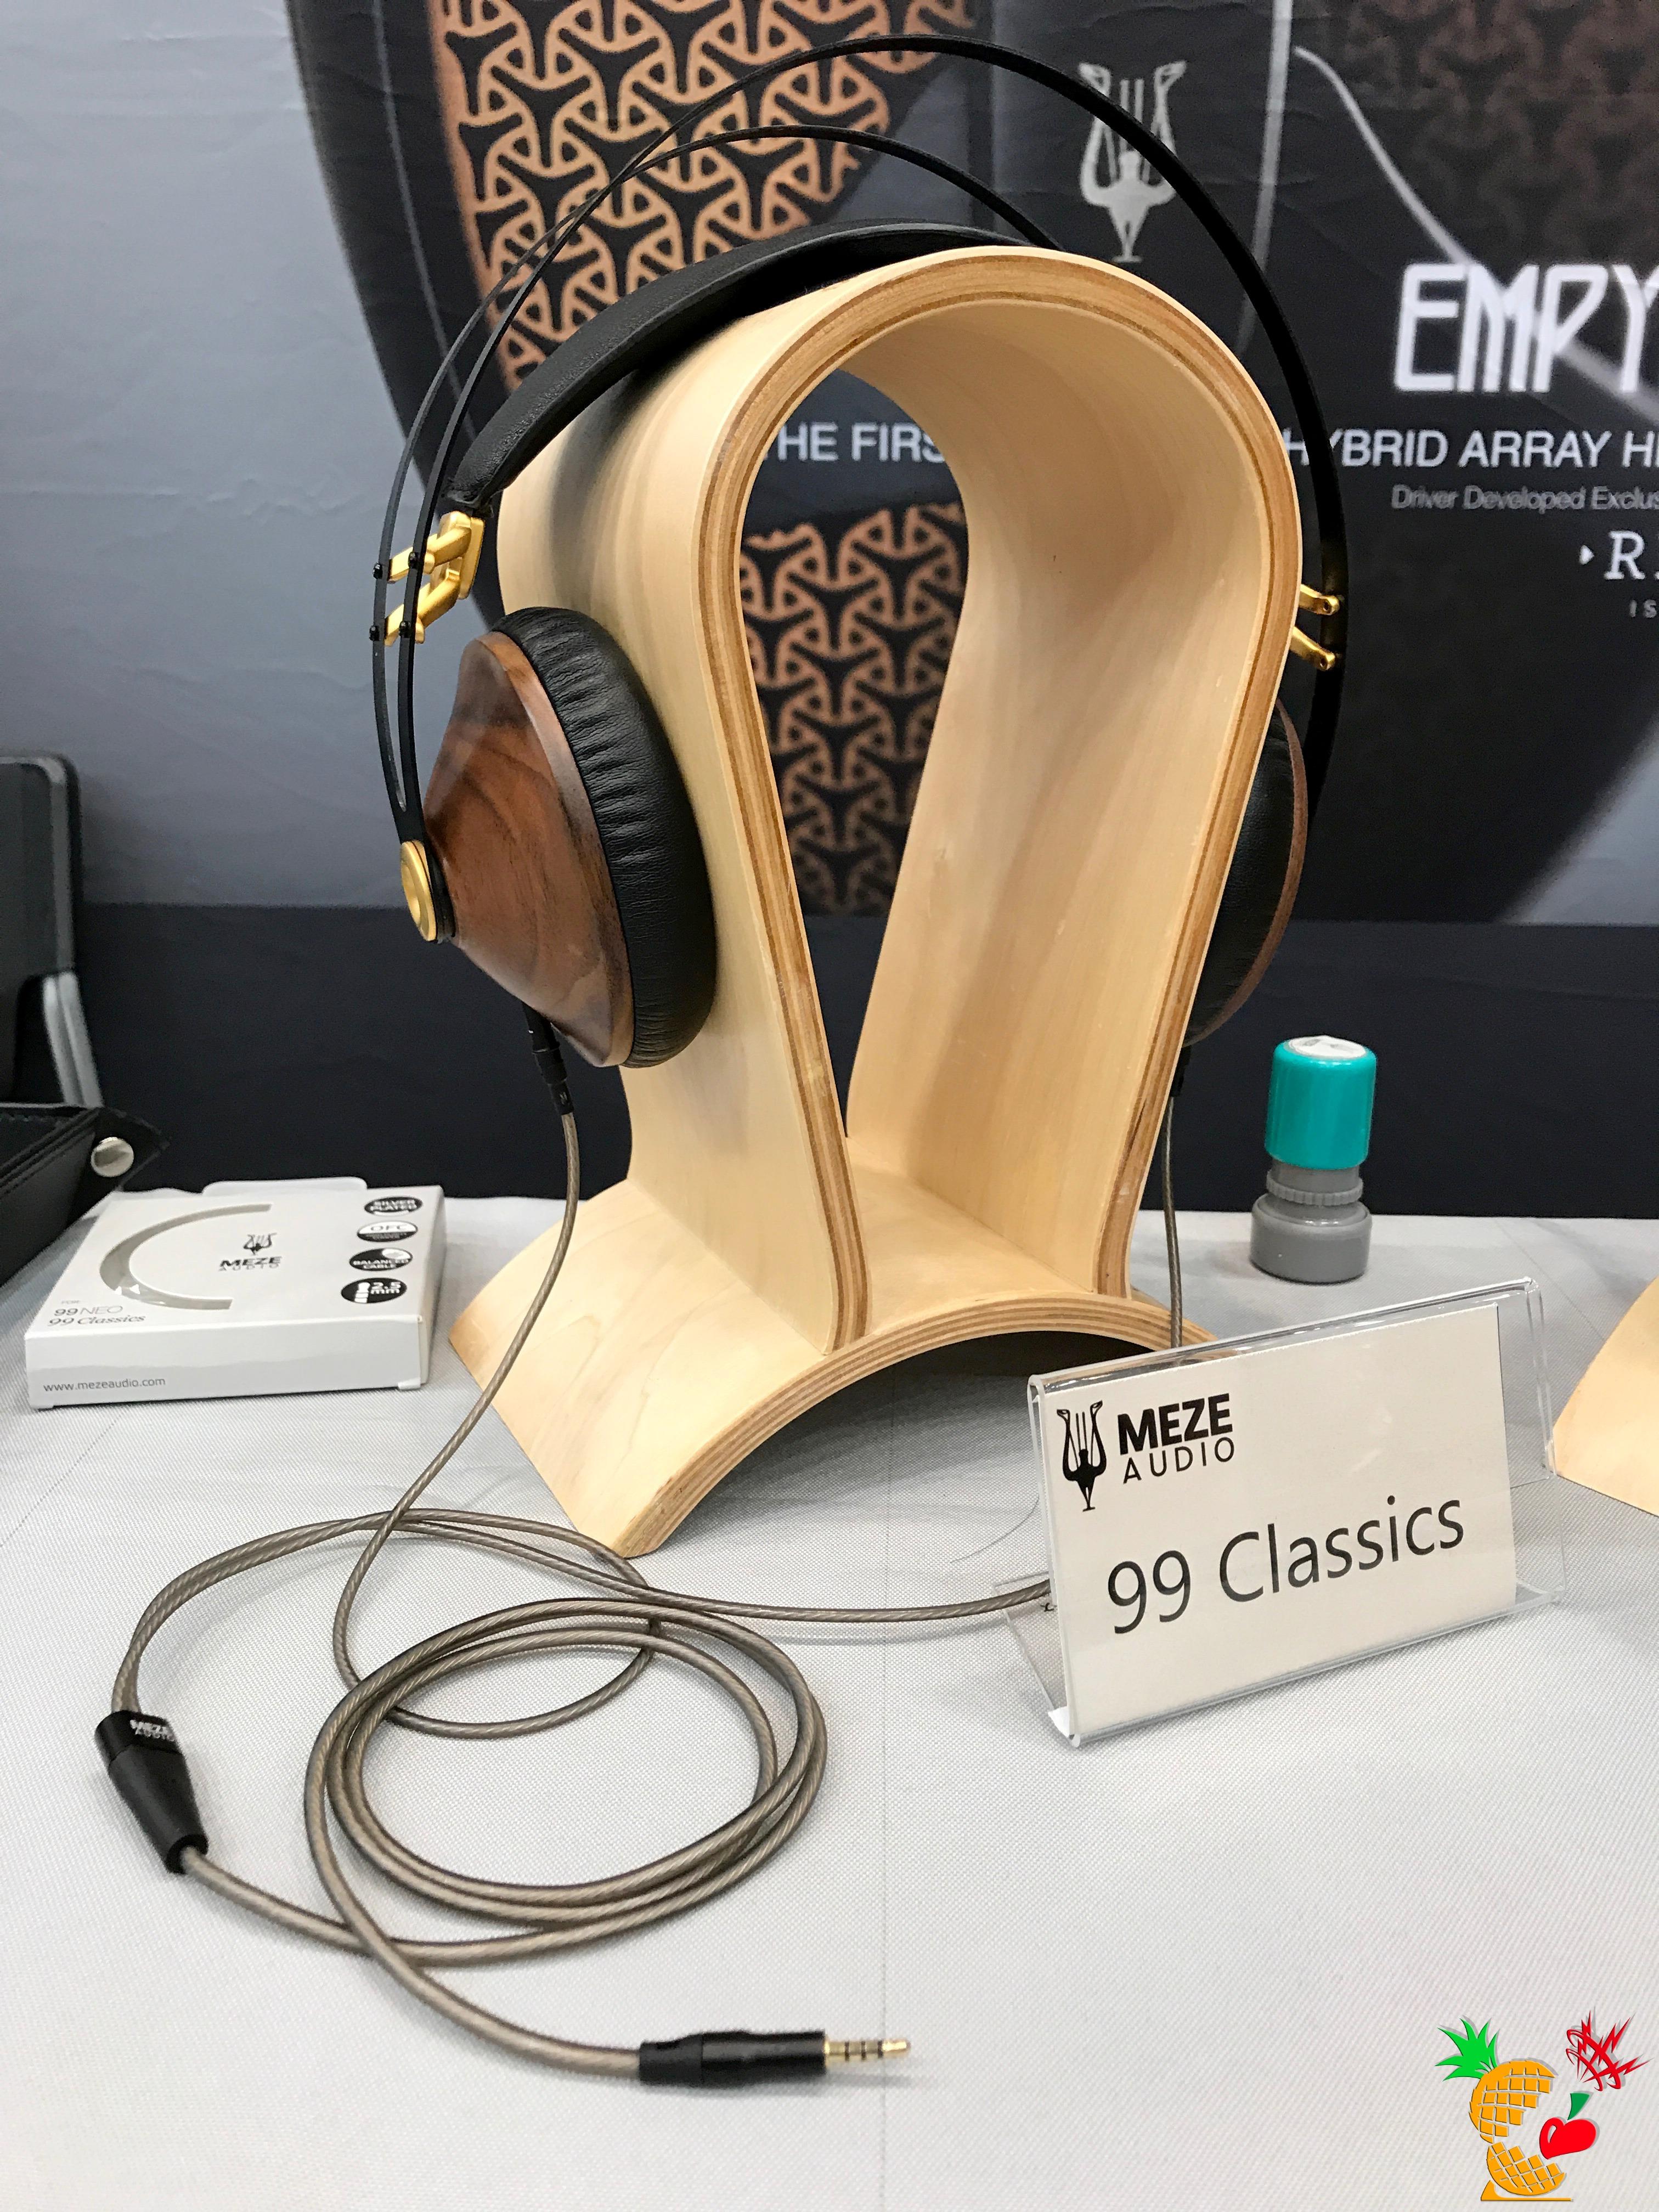 99 シリーズ 2.5mm バランス接続ケーブル with 99 Classics